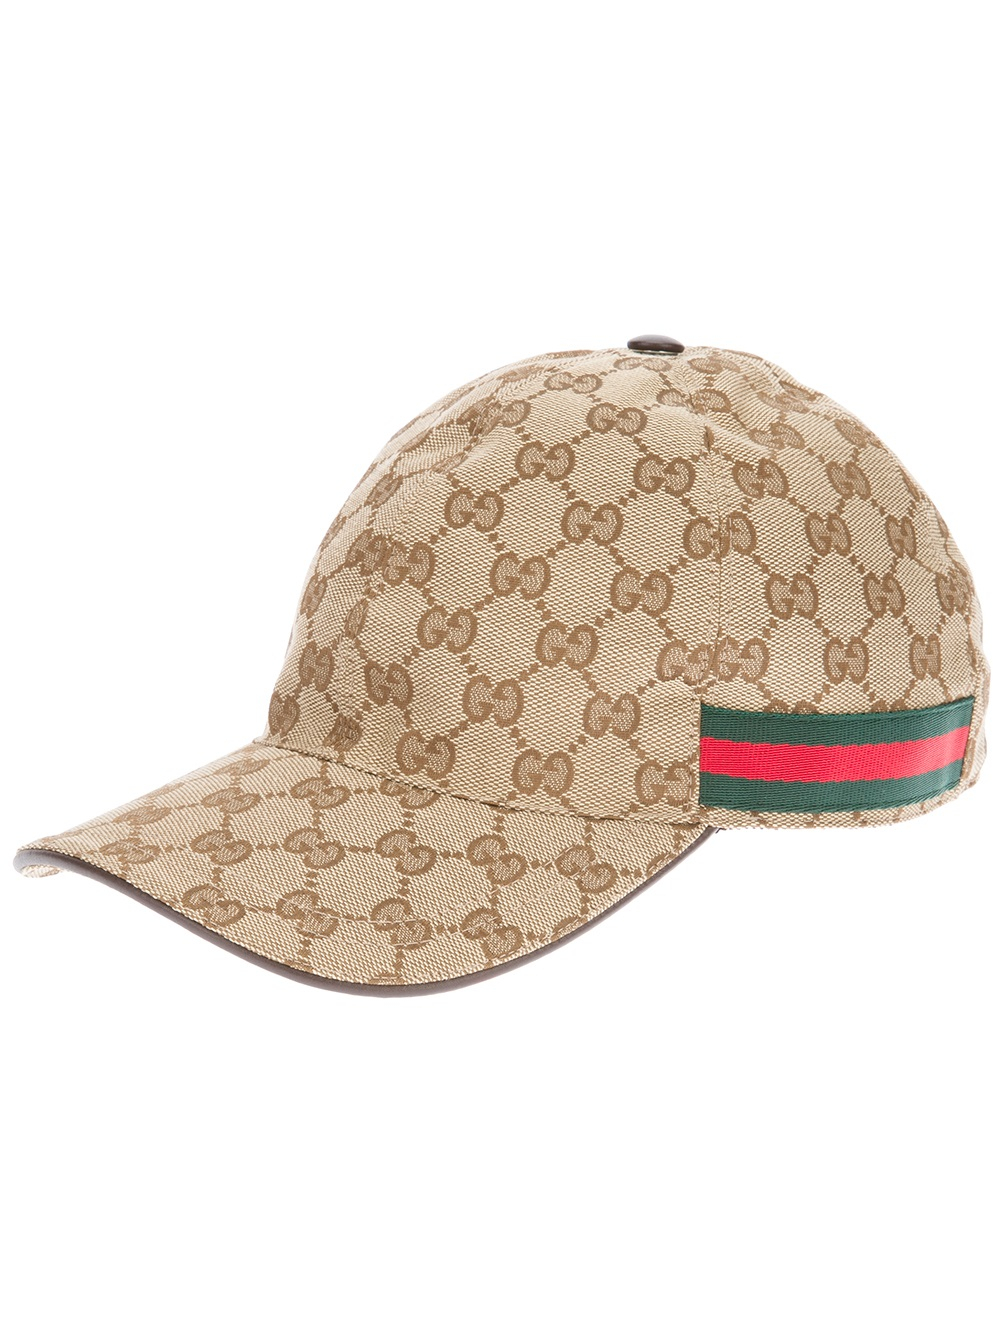 8fd3f1adeb1 Lyst - Gucci Unisex Emblem Print Cap in Natural for Men